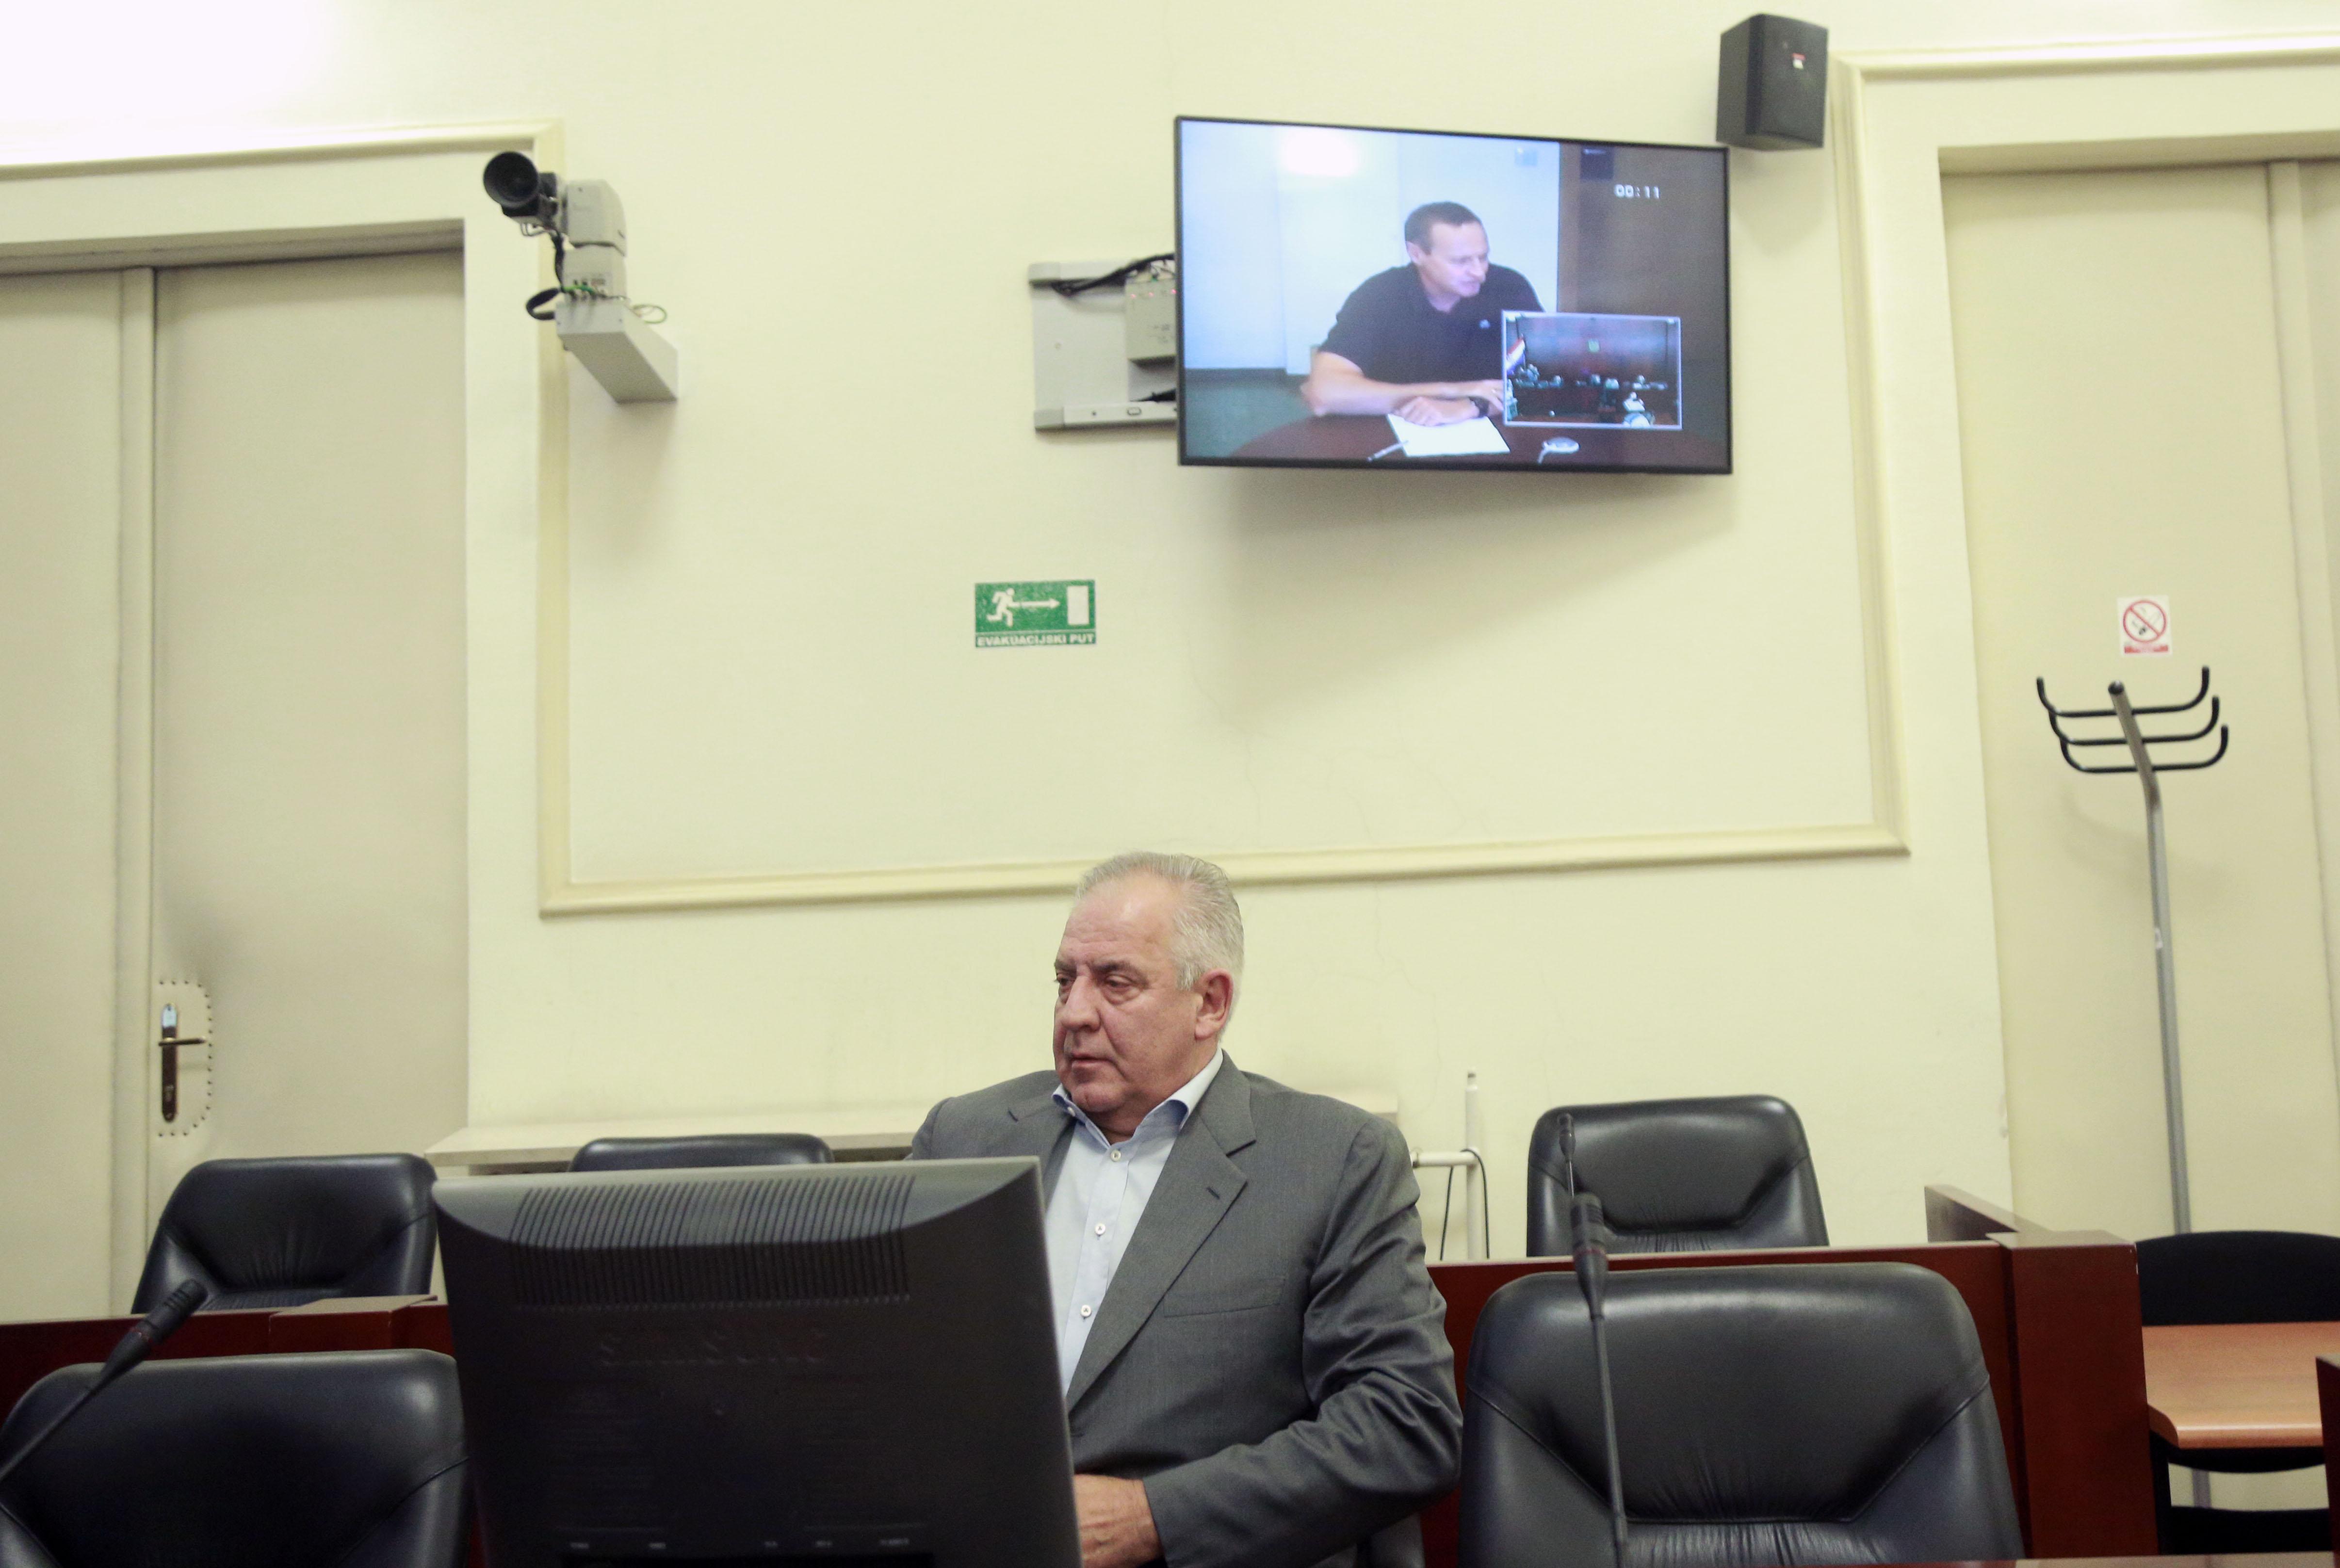 Zatvoreni bivši čelnik Hypo banke video vezom svjedočio na suđenju Sanaderu